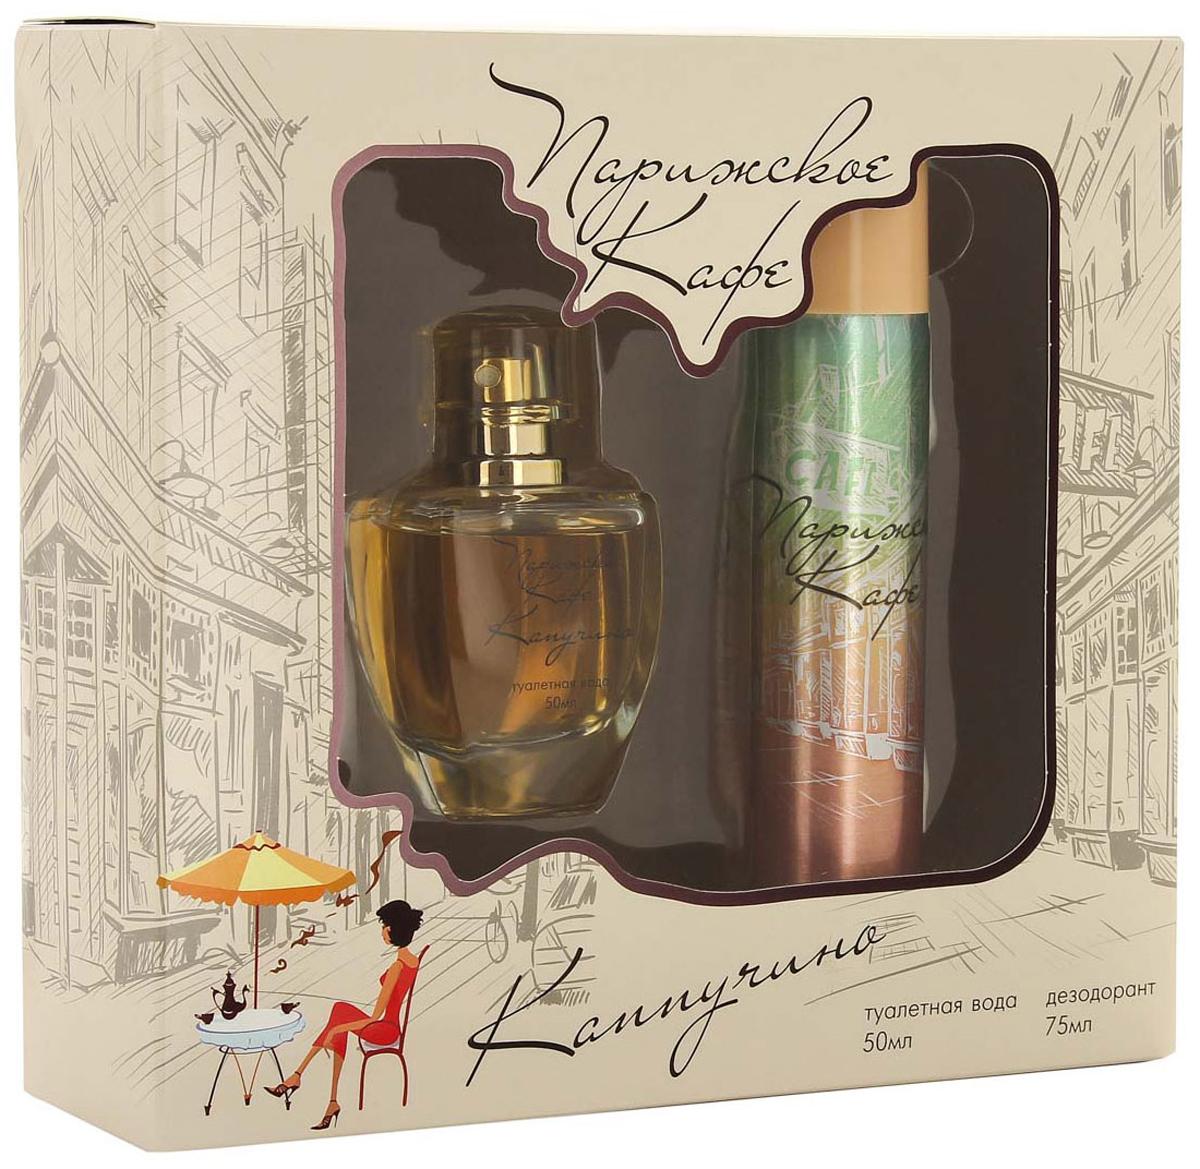 КПК-Парфюм Подарочный набор для женщин Парижское кафе: Капучино: Туалетная вода, 50 мл + Парфюмированный дезодорант, 75 млКПК236ПАРИЖСКОЕ КАФЕ КАПУЧИНО - это аромат для женщин. Верхняя нота: бергамот, грейпфрут, кокос; ноты сердца: жасмин, кокосовое молоко, ноты базы: ваниль, шоколад, белый мускус.